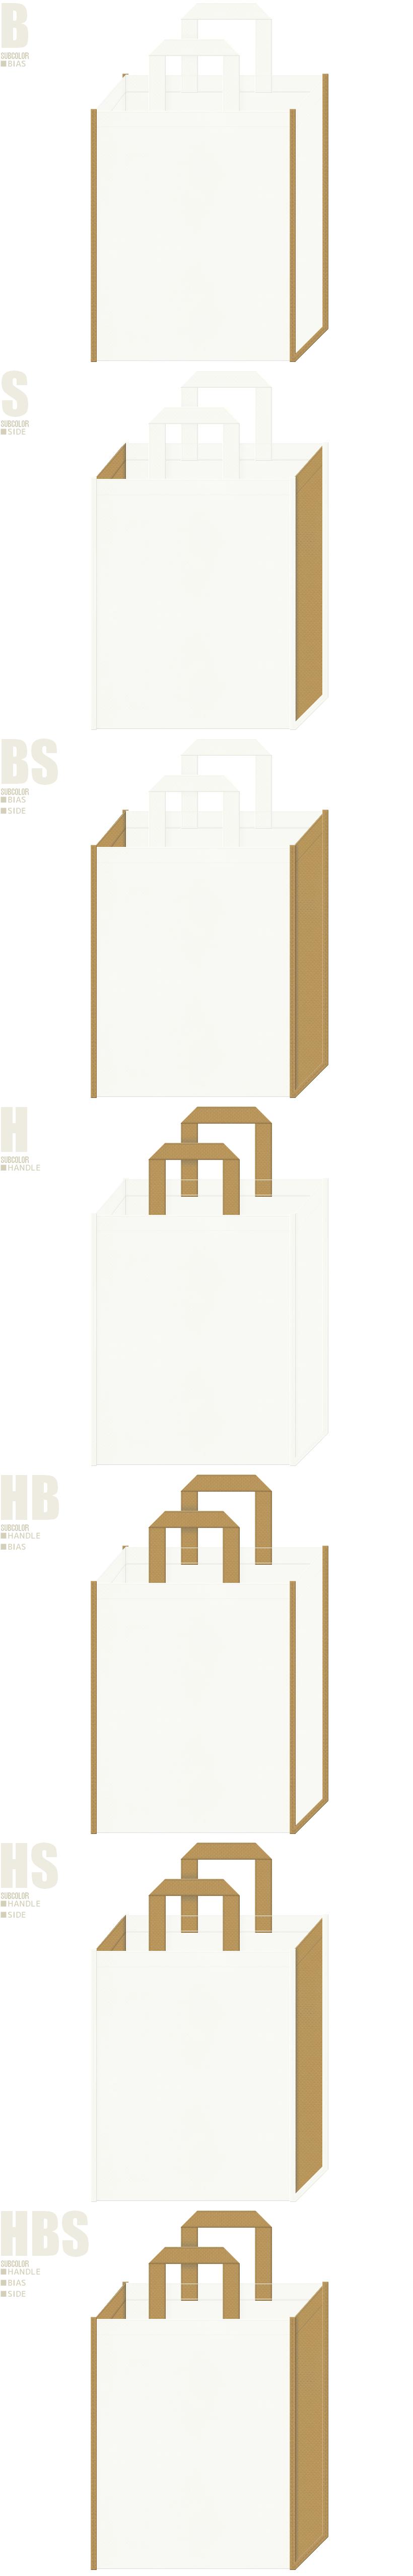 餃子・シューマイ・中華饅頭・うどん・ドッグフード・キャットフード・食のイベント・カフェオレ・コーヒーロール・石窯パン・バスタオル・バスローブ・ホテル・アメニティグッズ・住宅の展示会用バッグにお奨めの不織布バッグデザイン:オフホワイト色と金黄土色の不織布バッグ配色7パターン